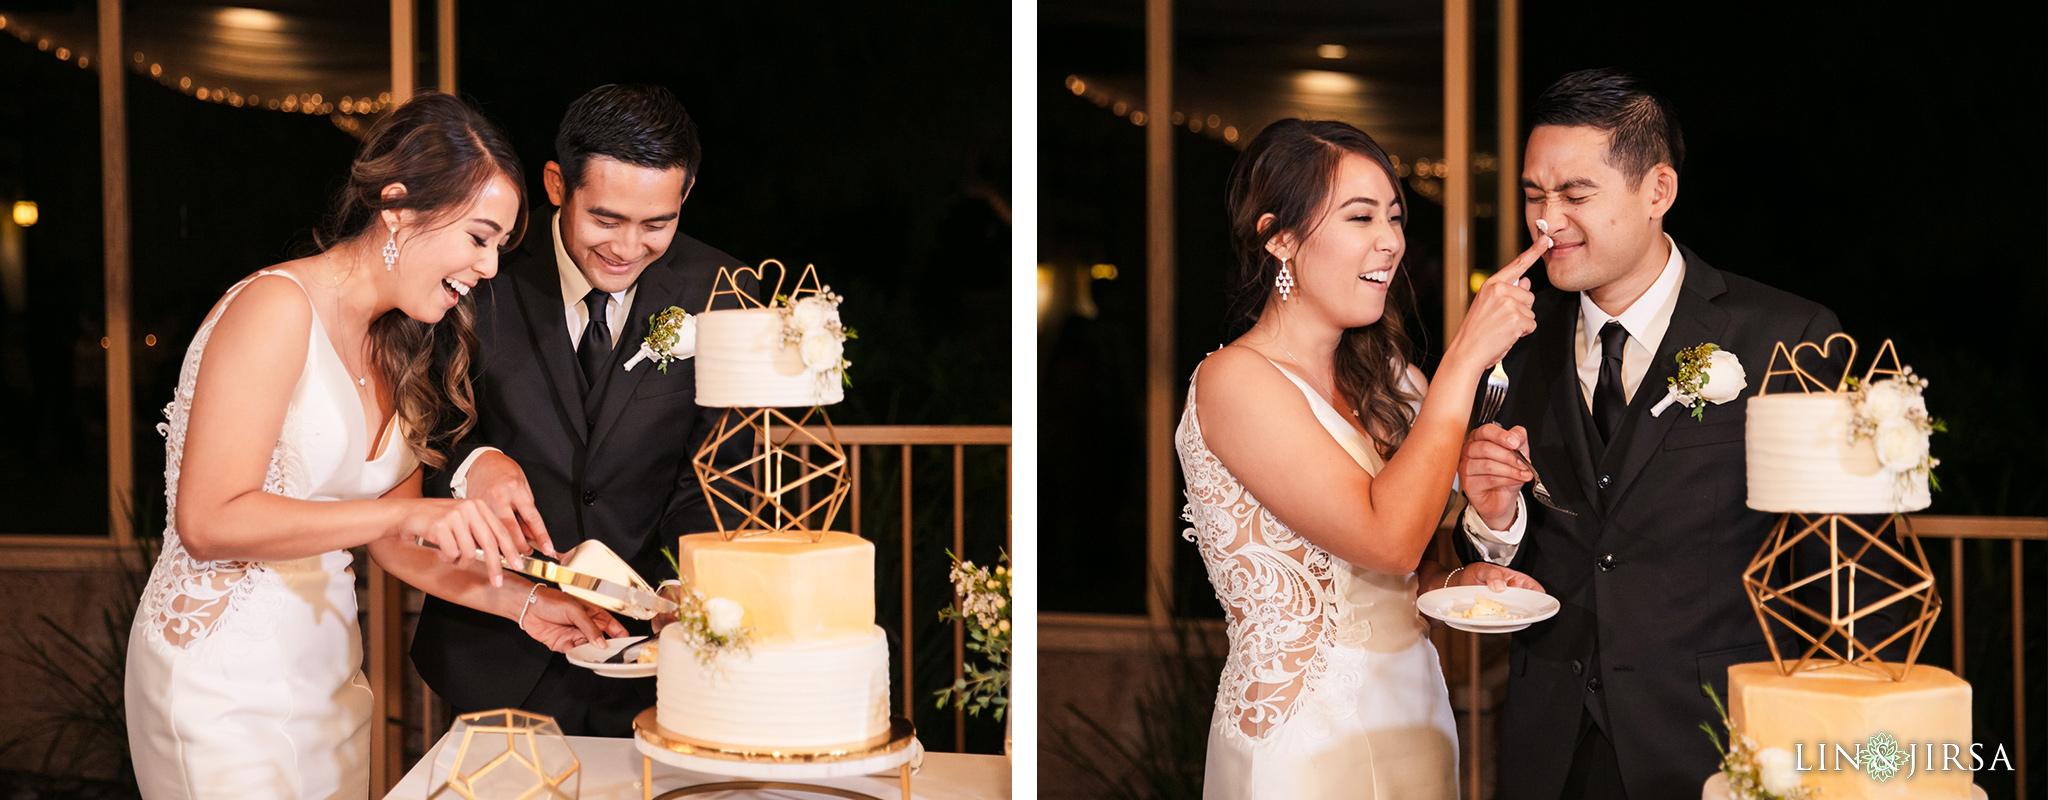 58 Coto de Caza Golf Club Wedding Photography